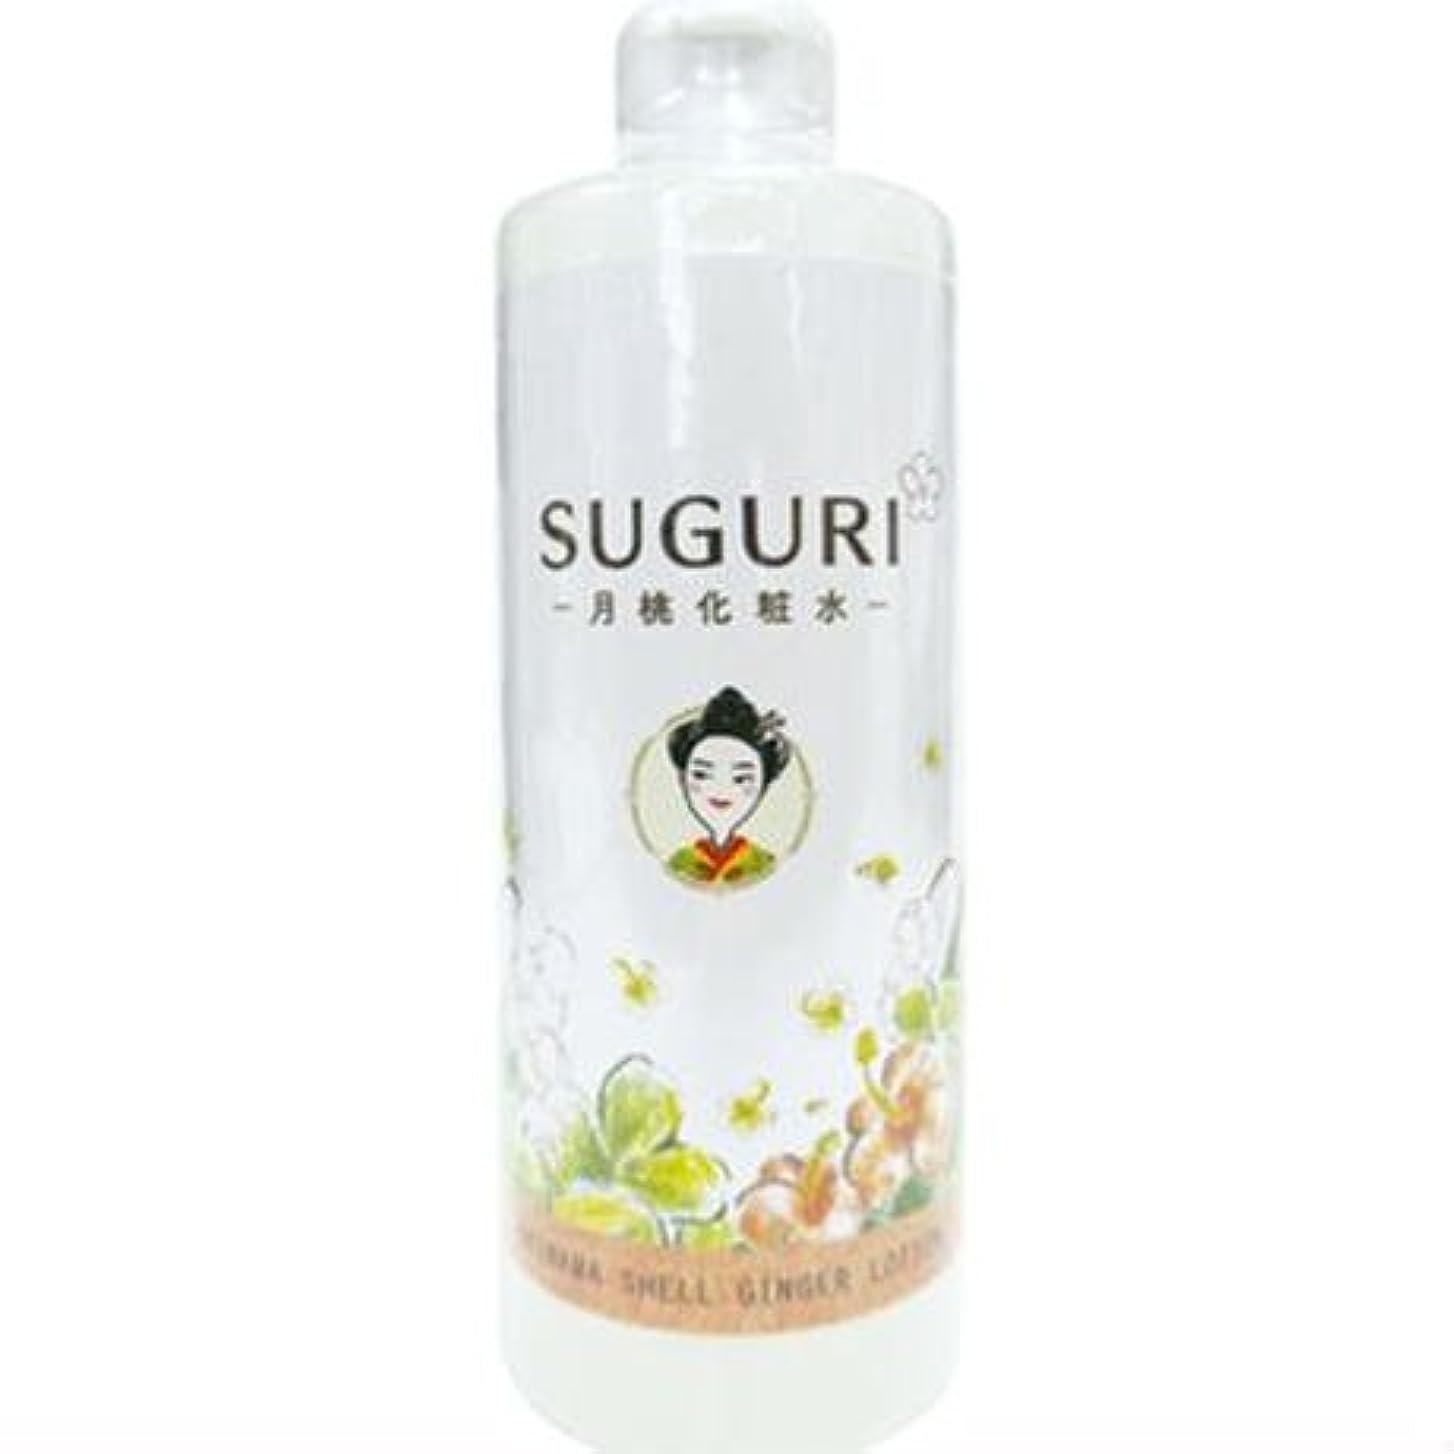 強化するテクスチャー成功するSUGURI(スグリ) 月桃化粧水 ゲットウ 300ml